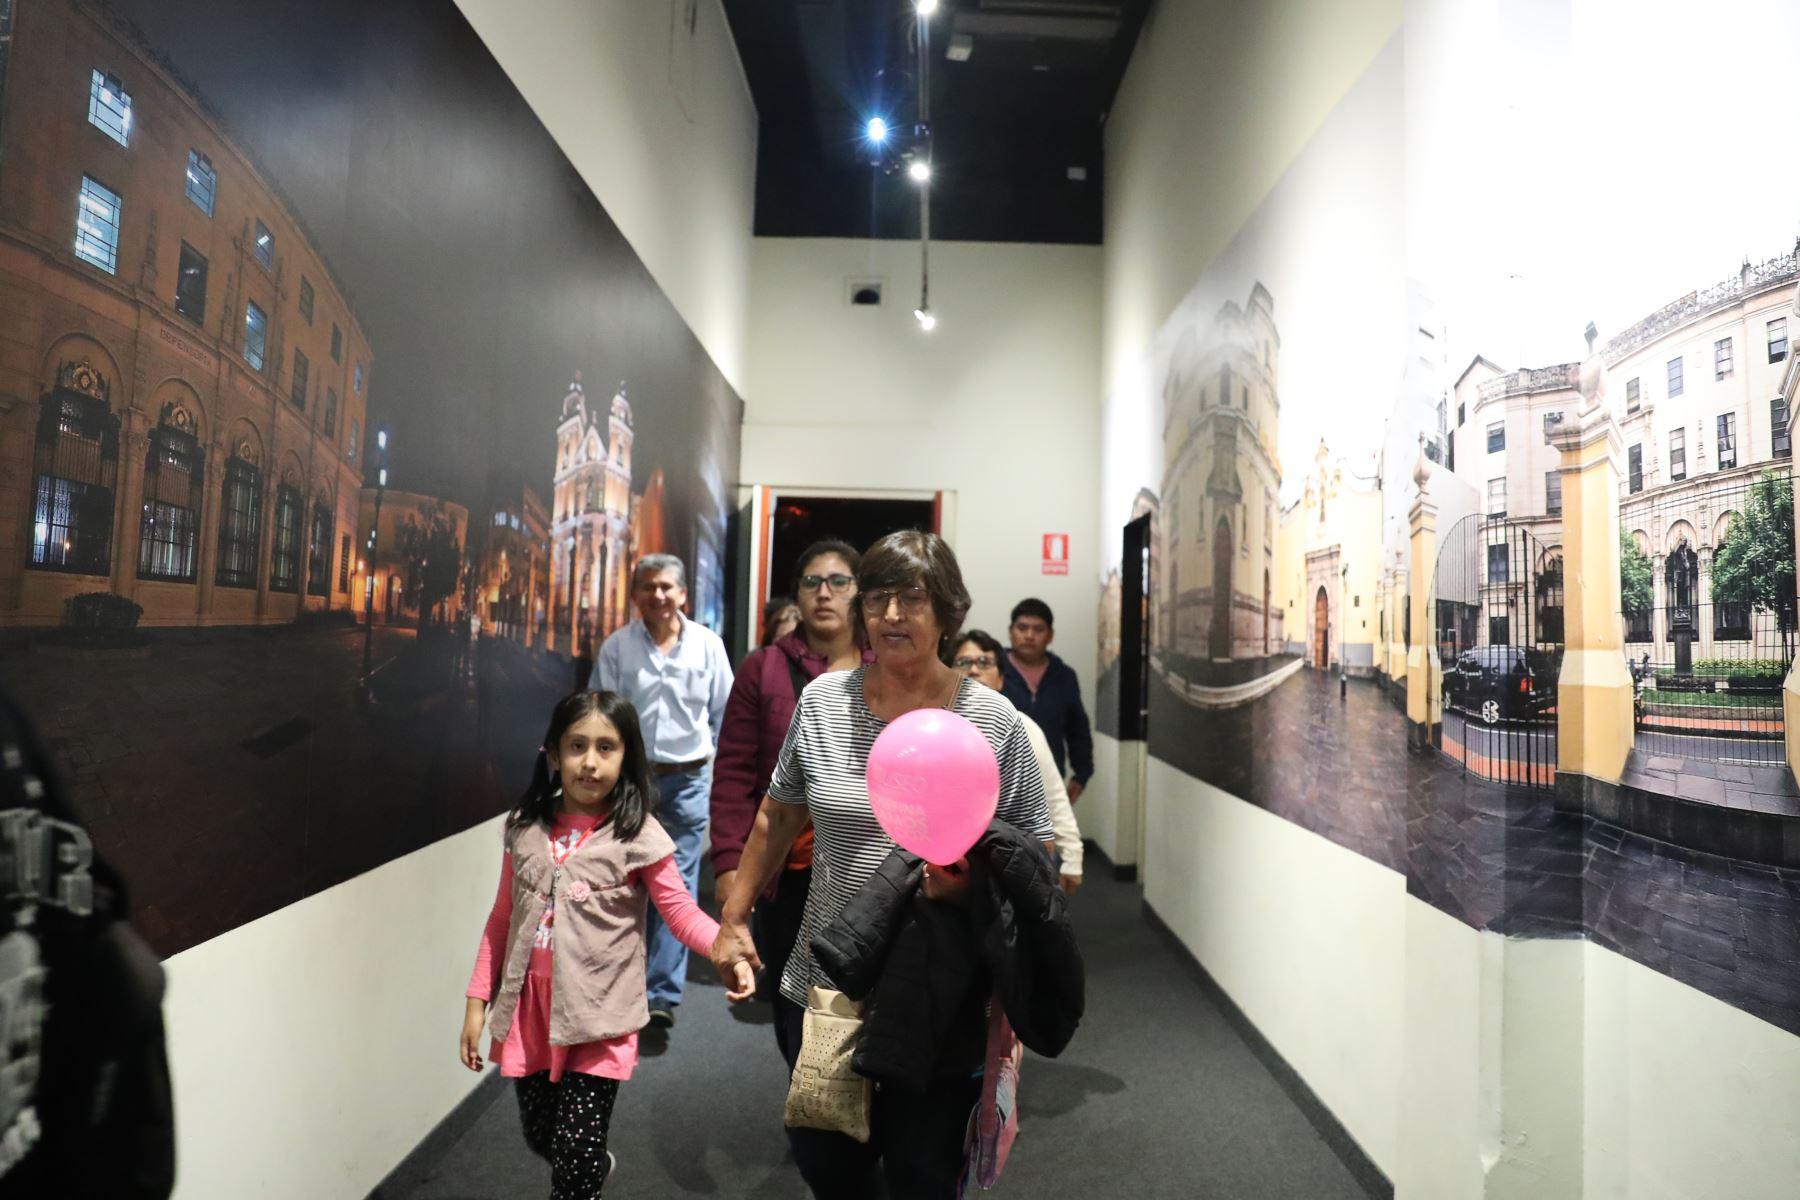 Museo Metropolitano abre sus puertas para mostrar la exposición permanente de la Historia de Lima. Foto: ANDINA/Melina Mejía